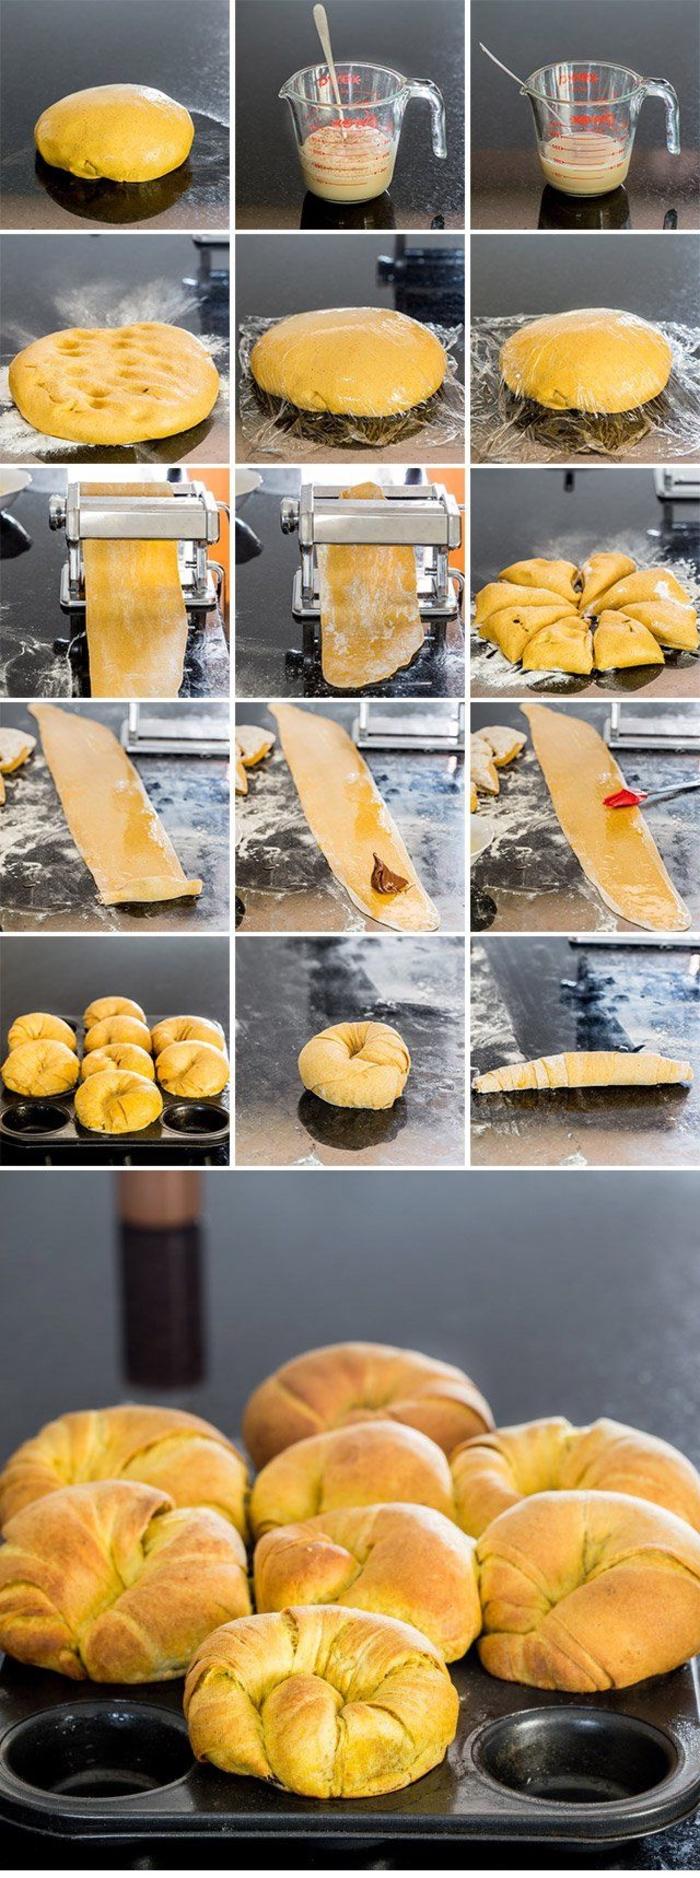 tuto pas en pas pour faire des brioches dorées au nutella, recette au nutella pour une viennoiserie faite maison